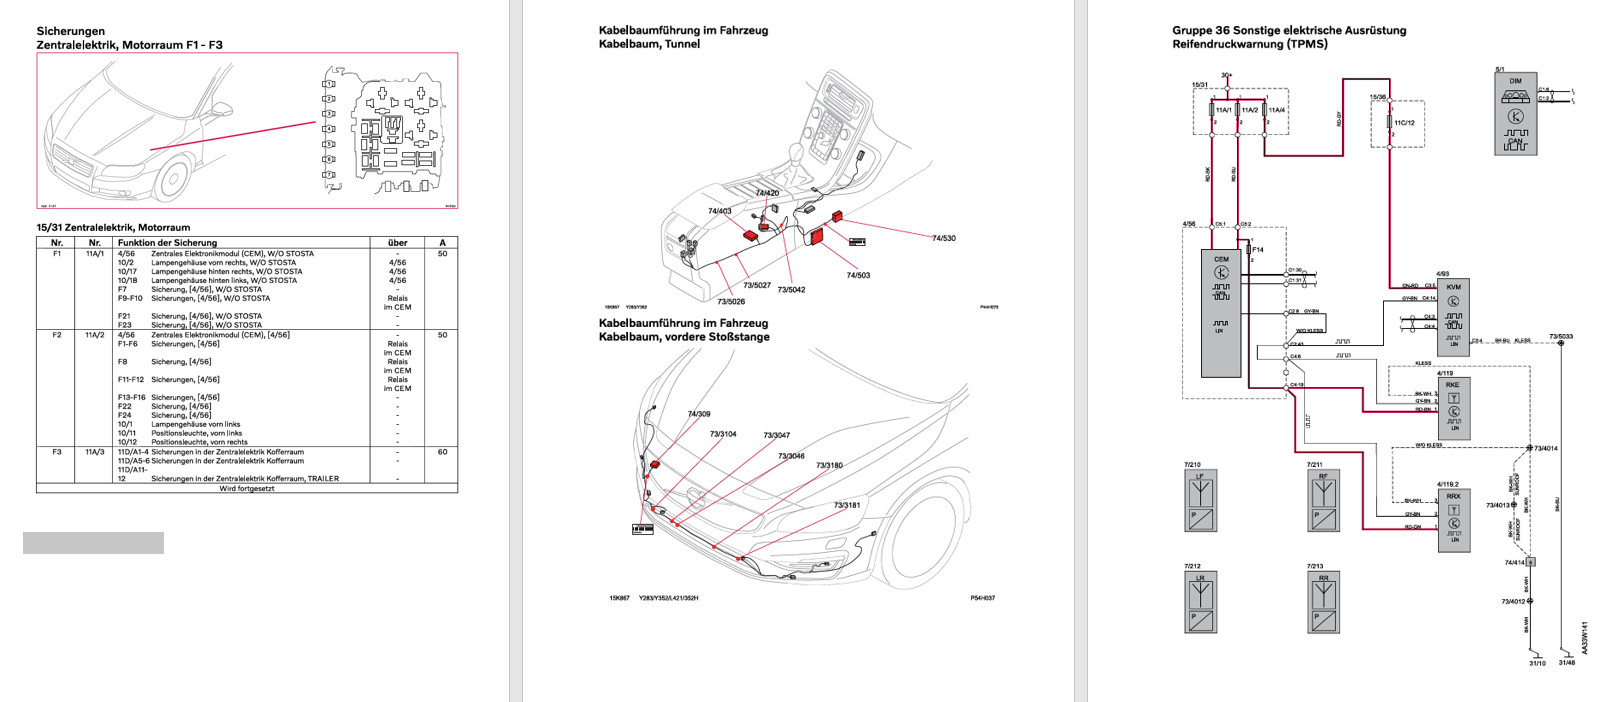 volvo xc60 15 17 werkstatthandbuch schaltpl ne f r 59 00. Black Bedroom Furniture Sets. Home Design Ideas